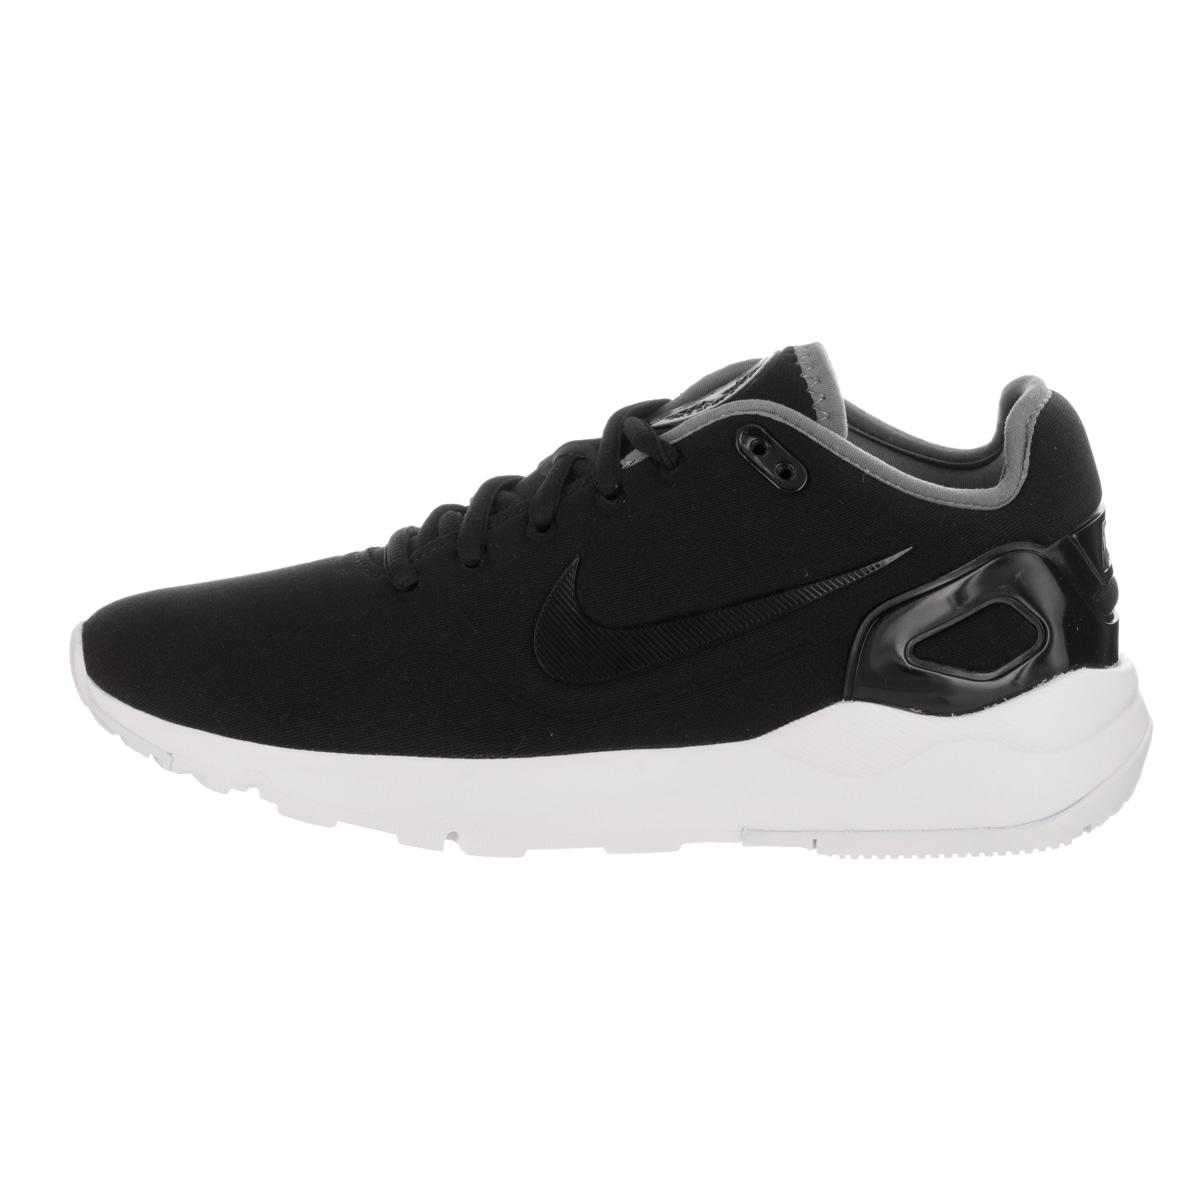 1152e8a93cf Shop Nike Women s Nike LD Runner LW Running Shoe - Free Shipping Today -  Overstock - 15616836